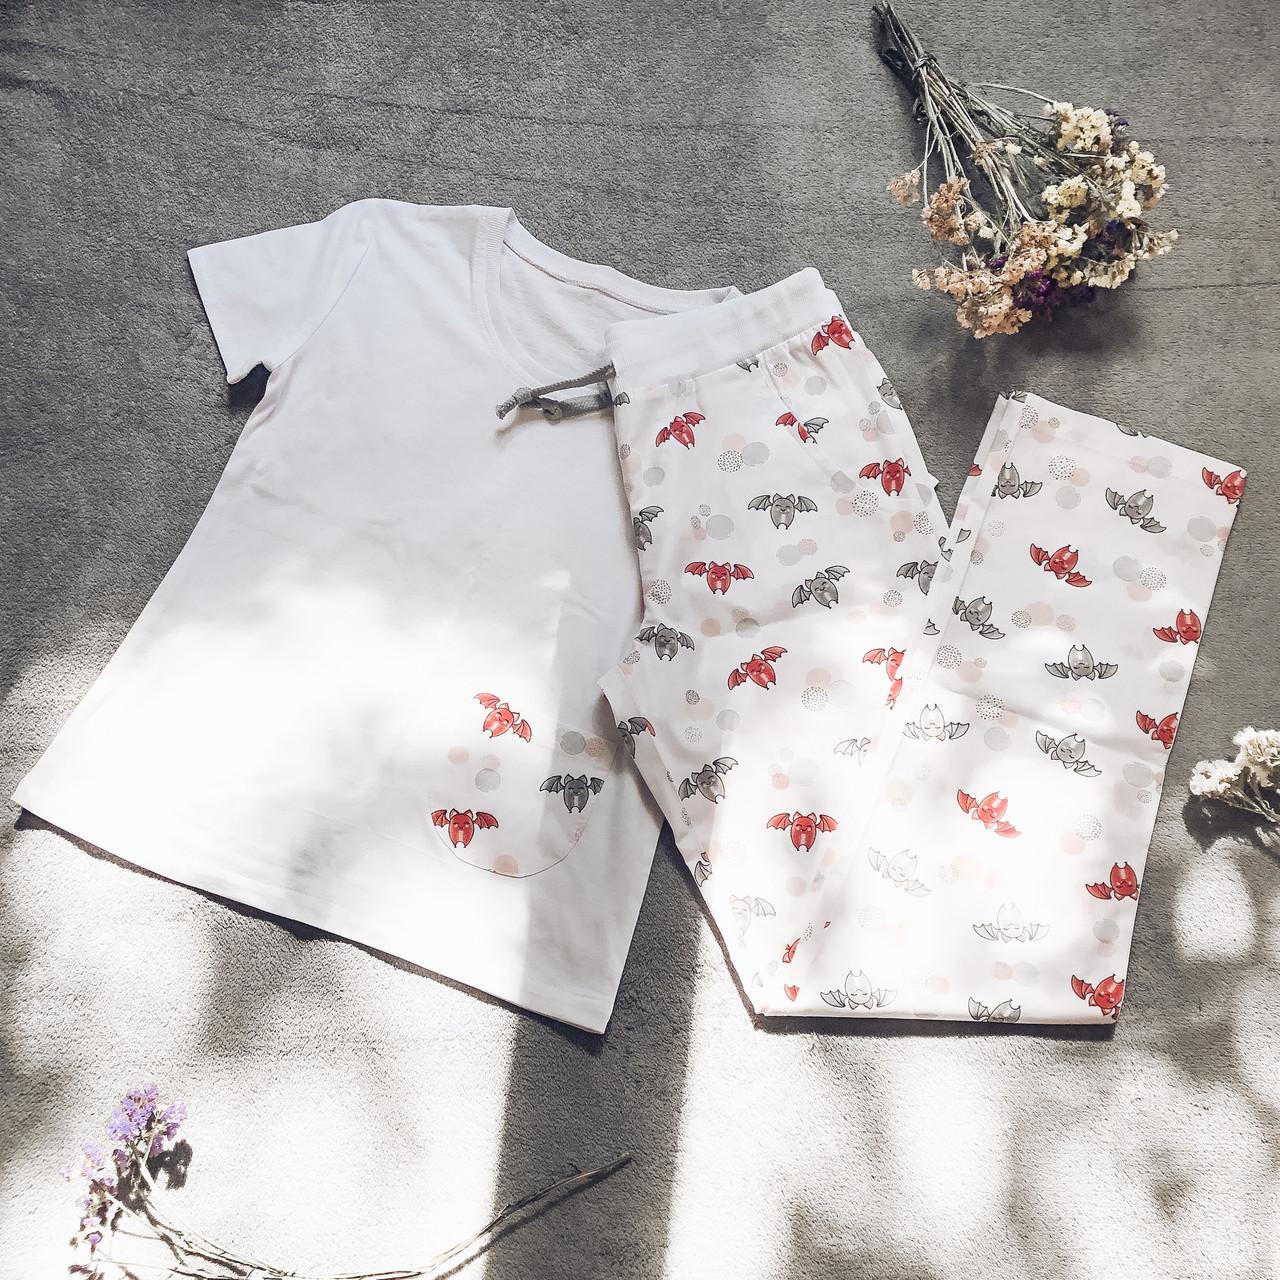 Детская пижама с футболкой Летучие Мыши 134 см